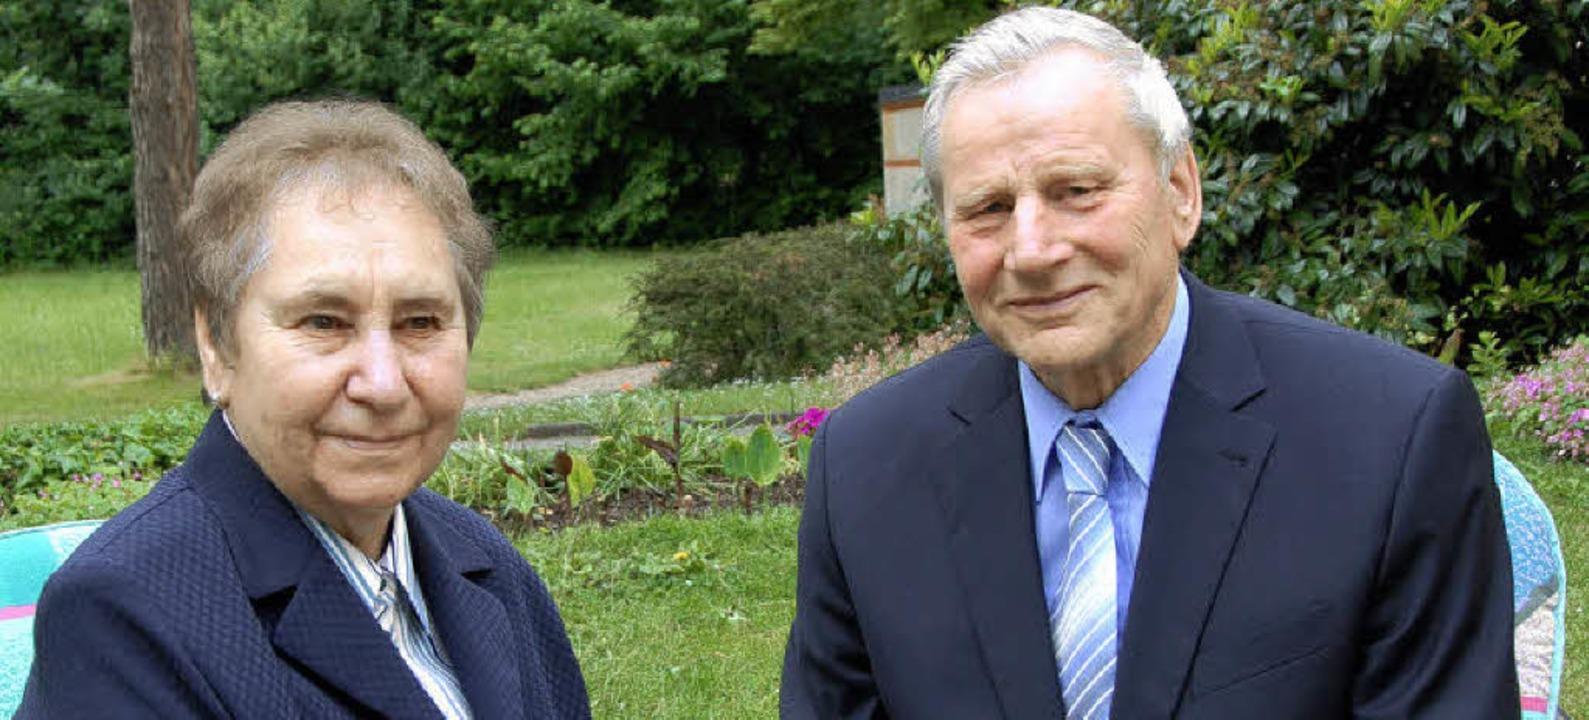 Seit 50 Jahren ein Ehepaar und ebenso ...rg tätig: Hilda und Walter Mutschler.   | Foto: Roland Vitt